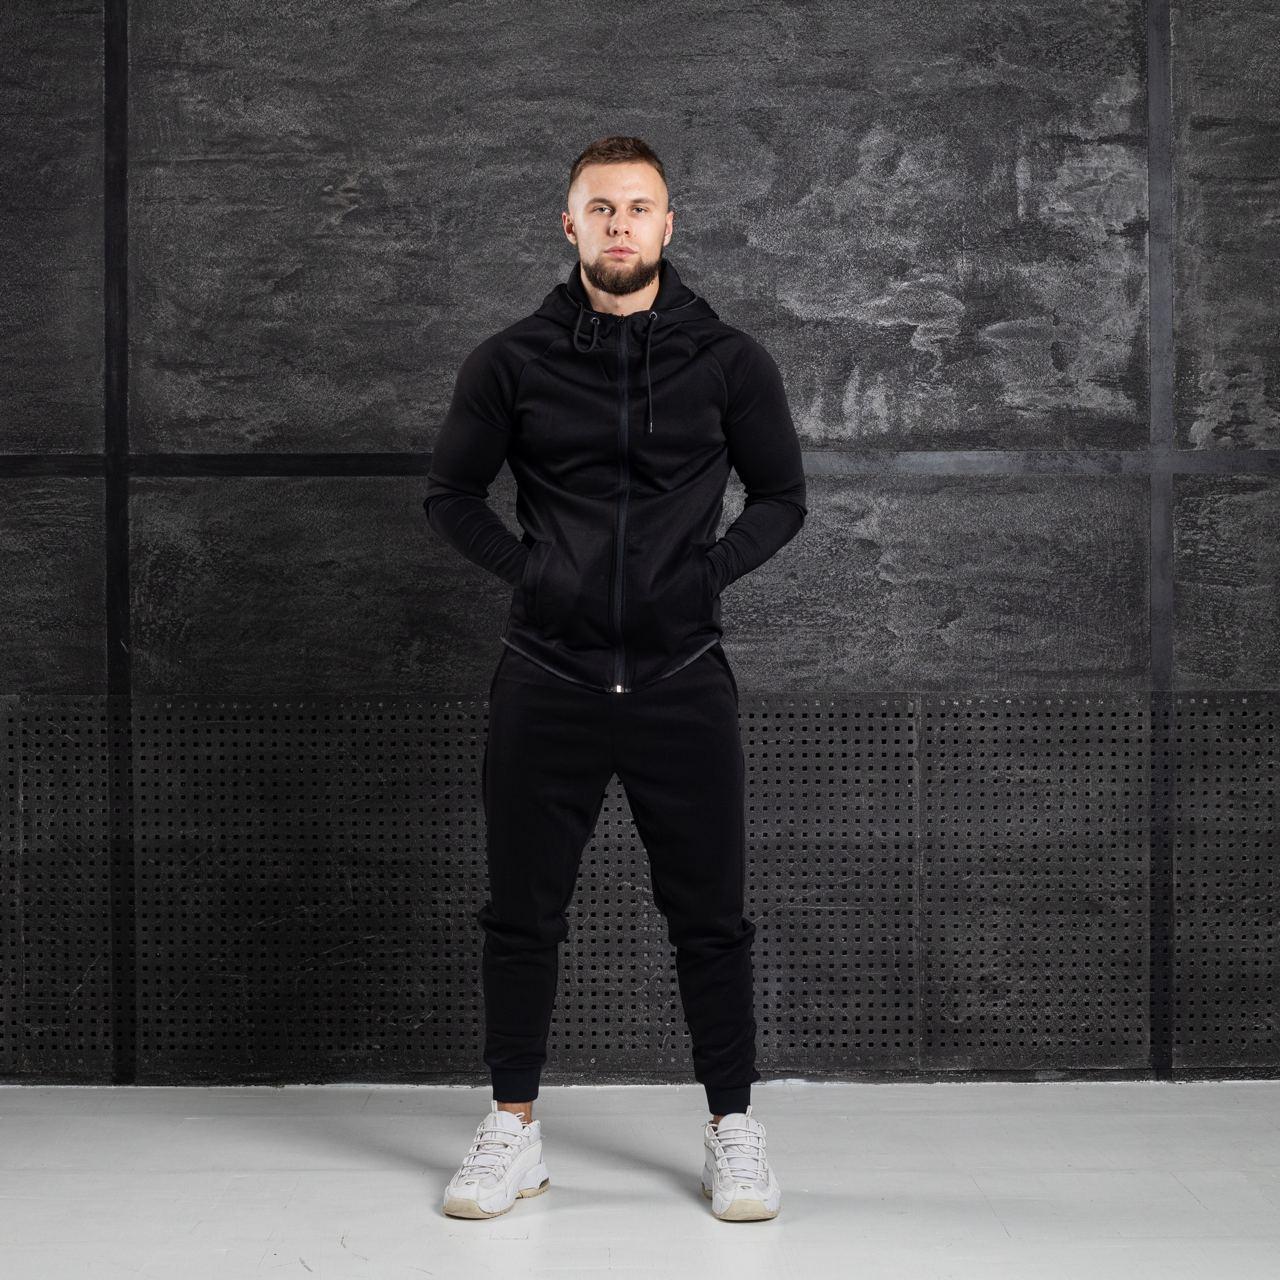 Мужской Комплект Спортивний костюм Кофта и Штаны